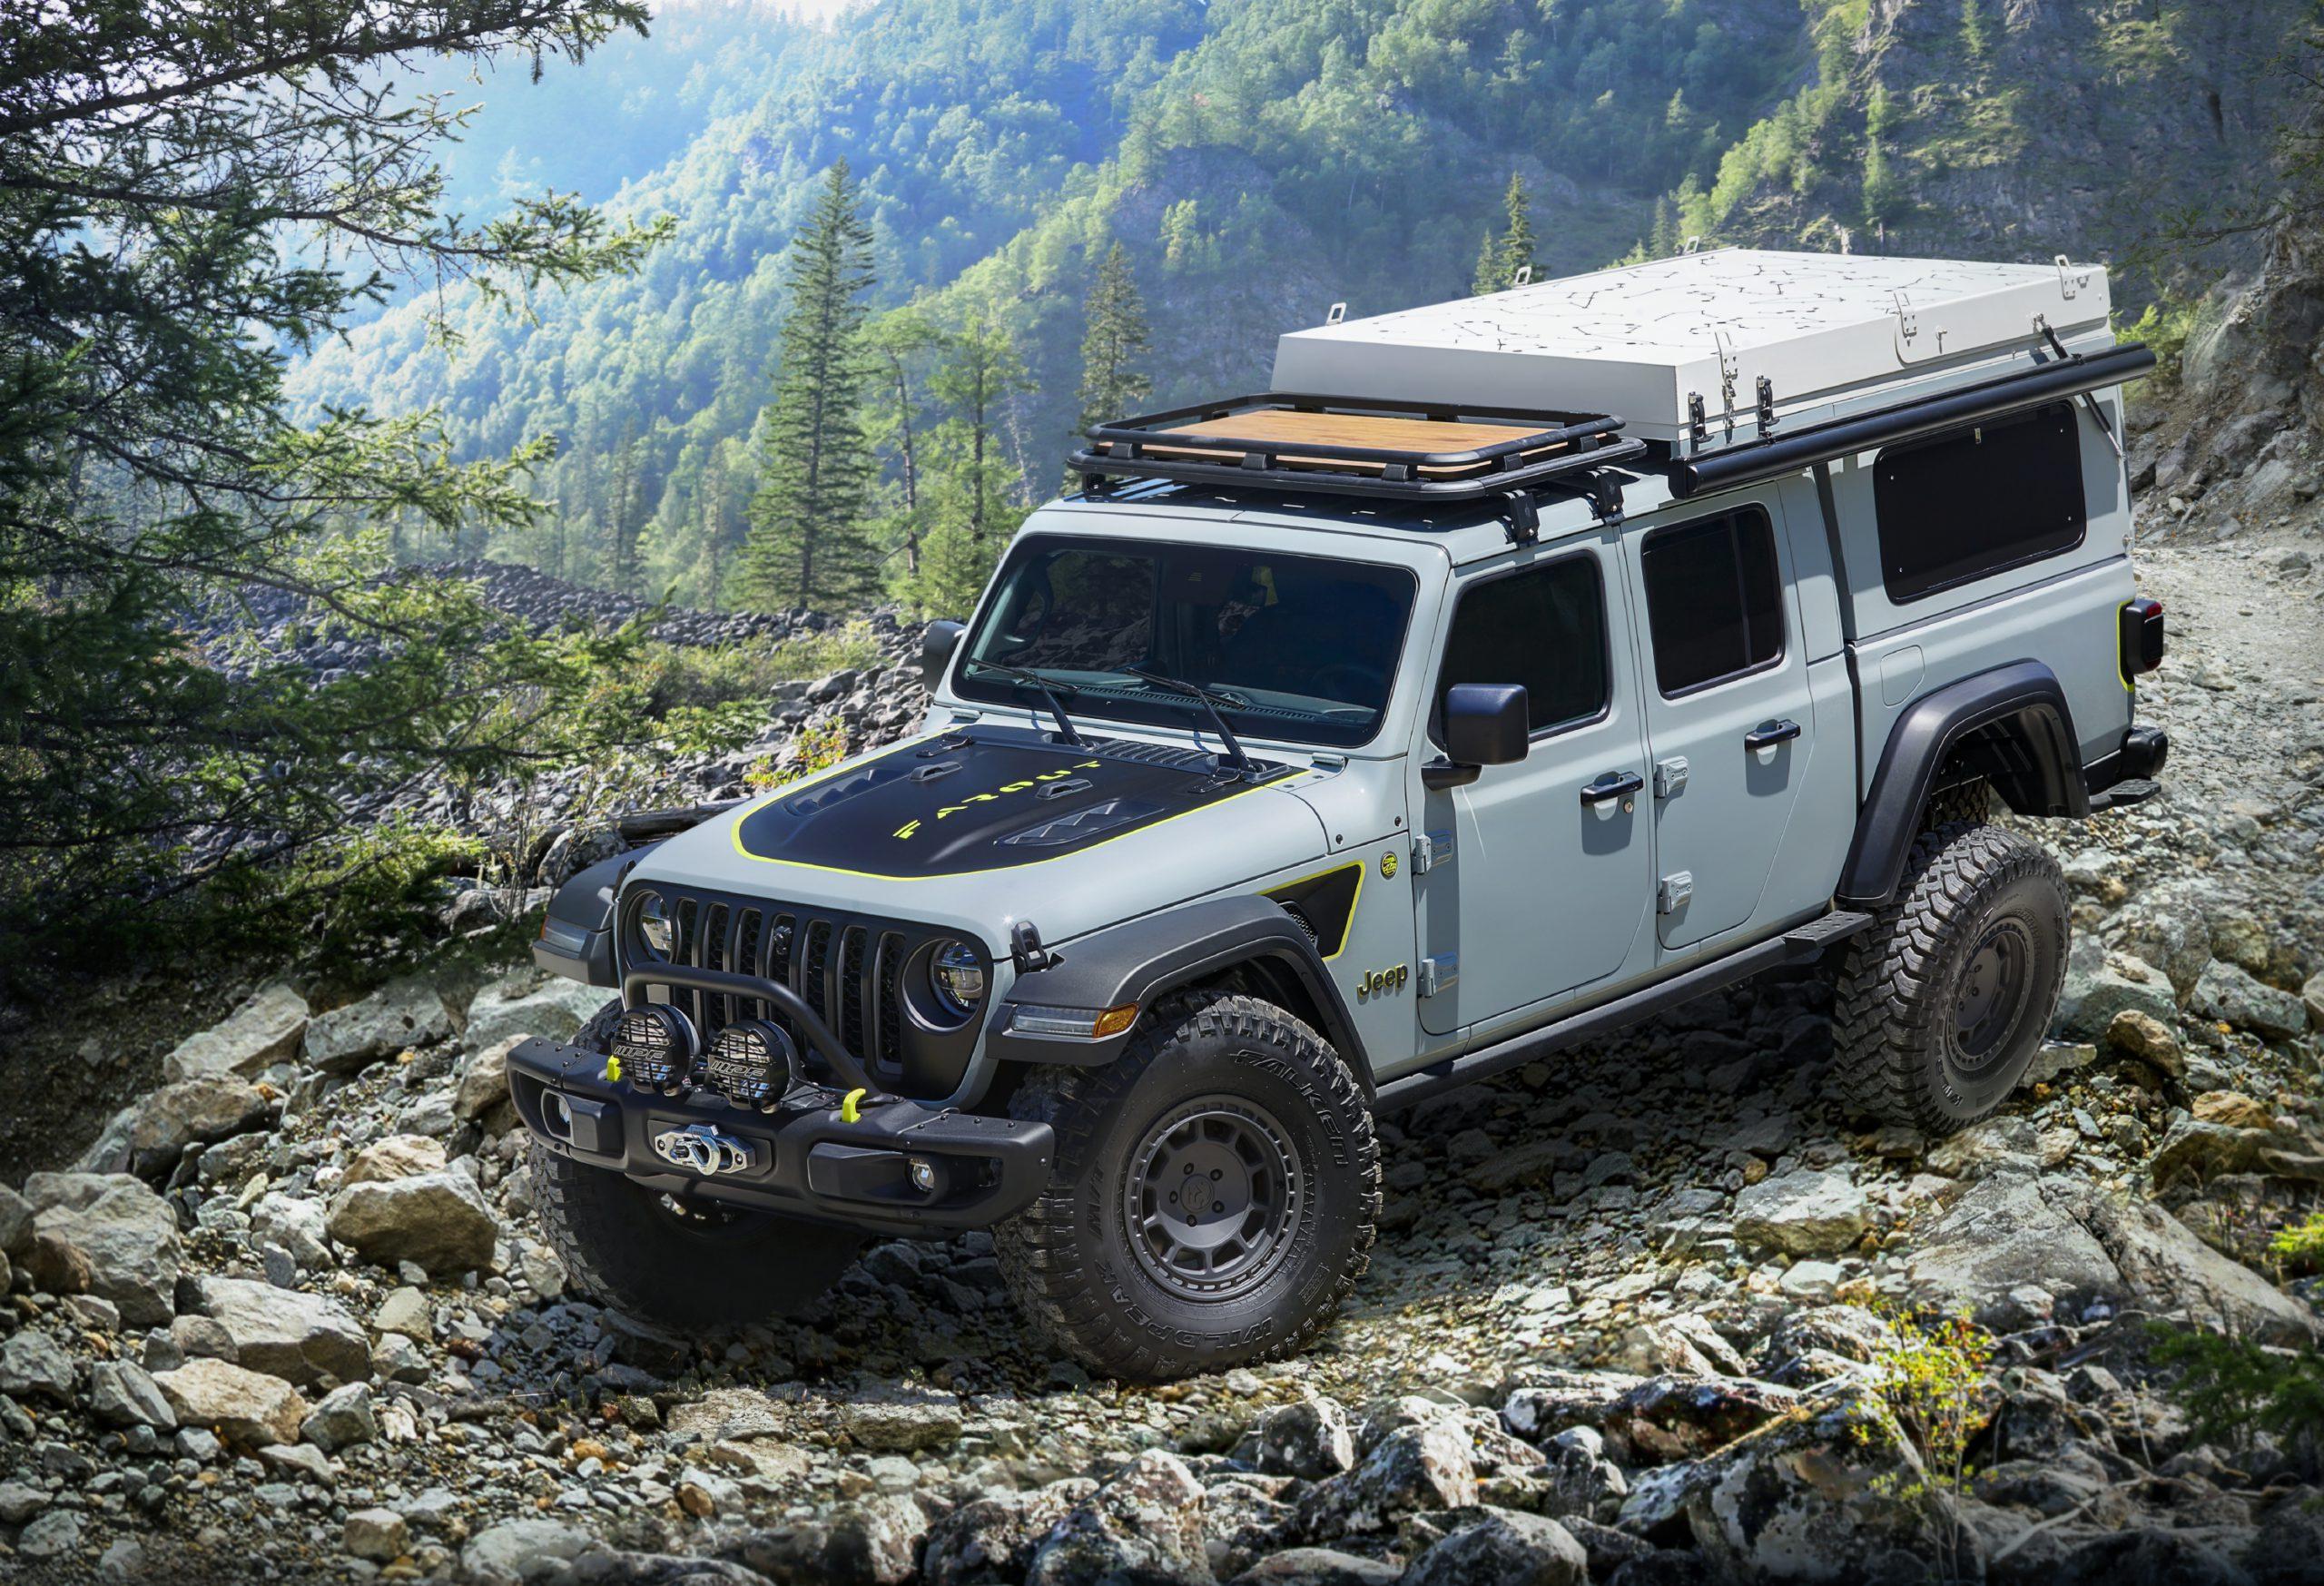 2020 Jeep Gladiator Farout Concept